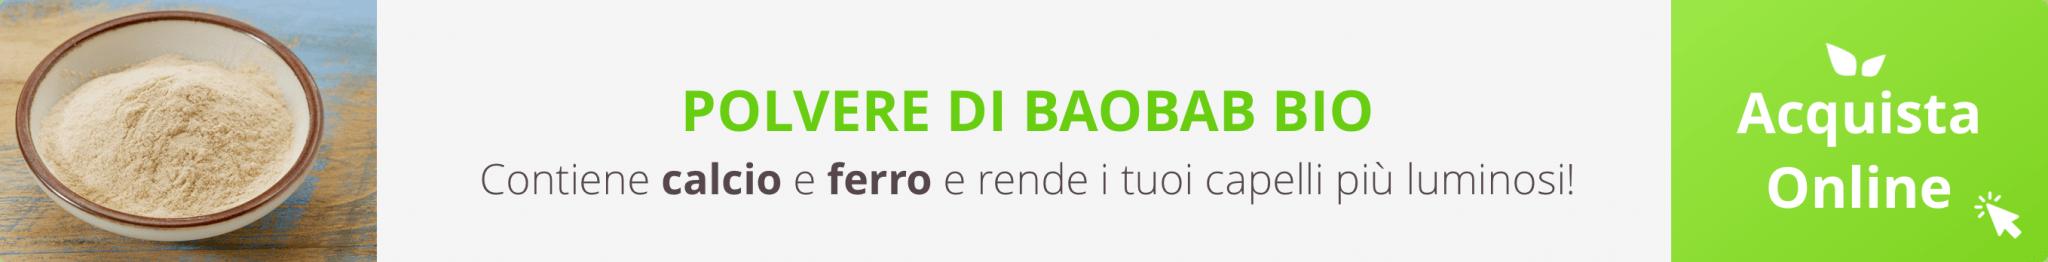 Acquista Online Polvere di Baobab Bio su FruttaWeb.com